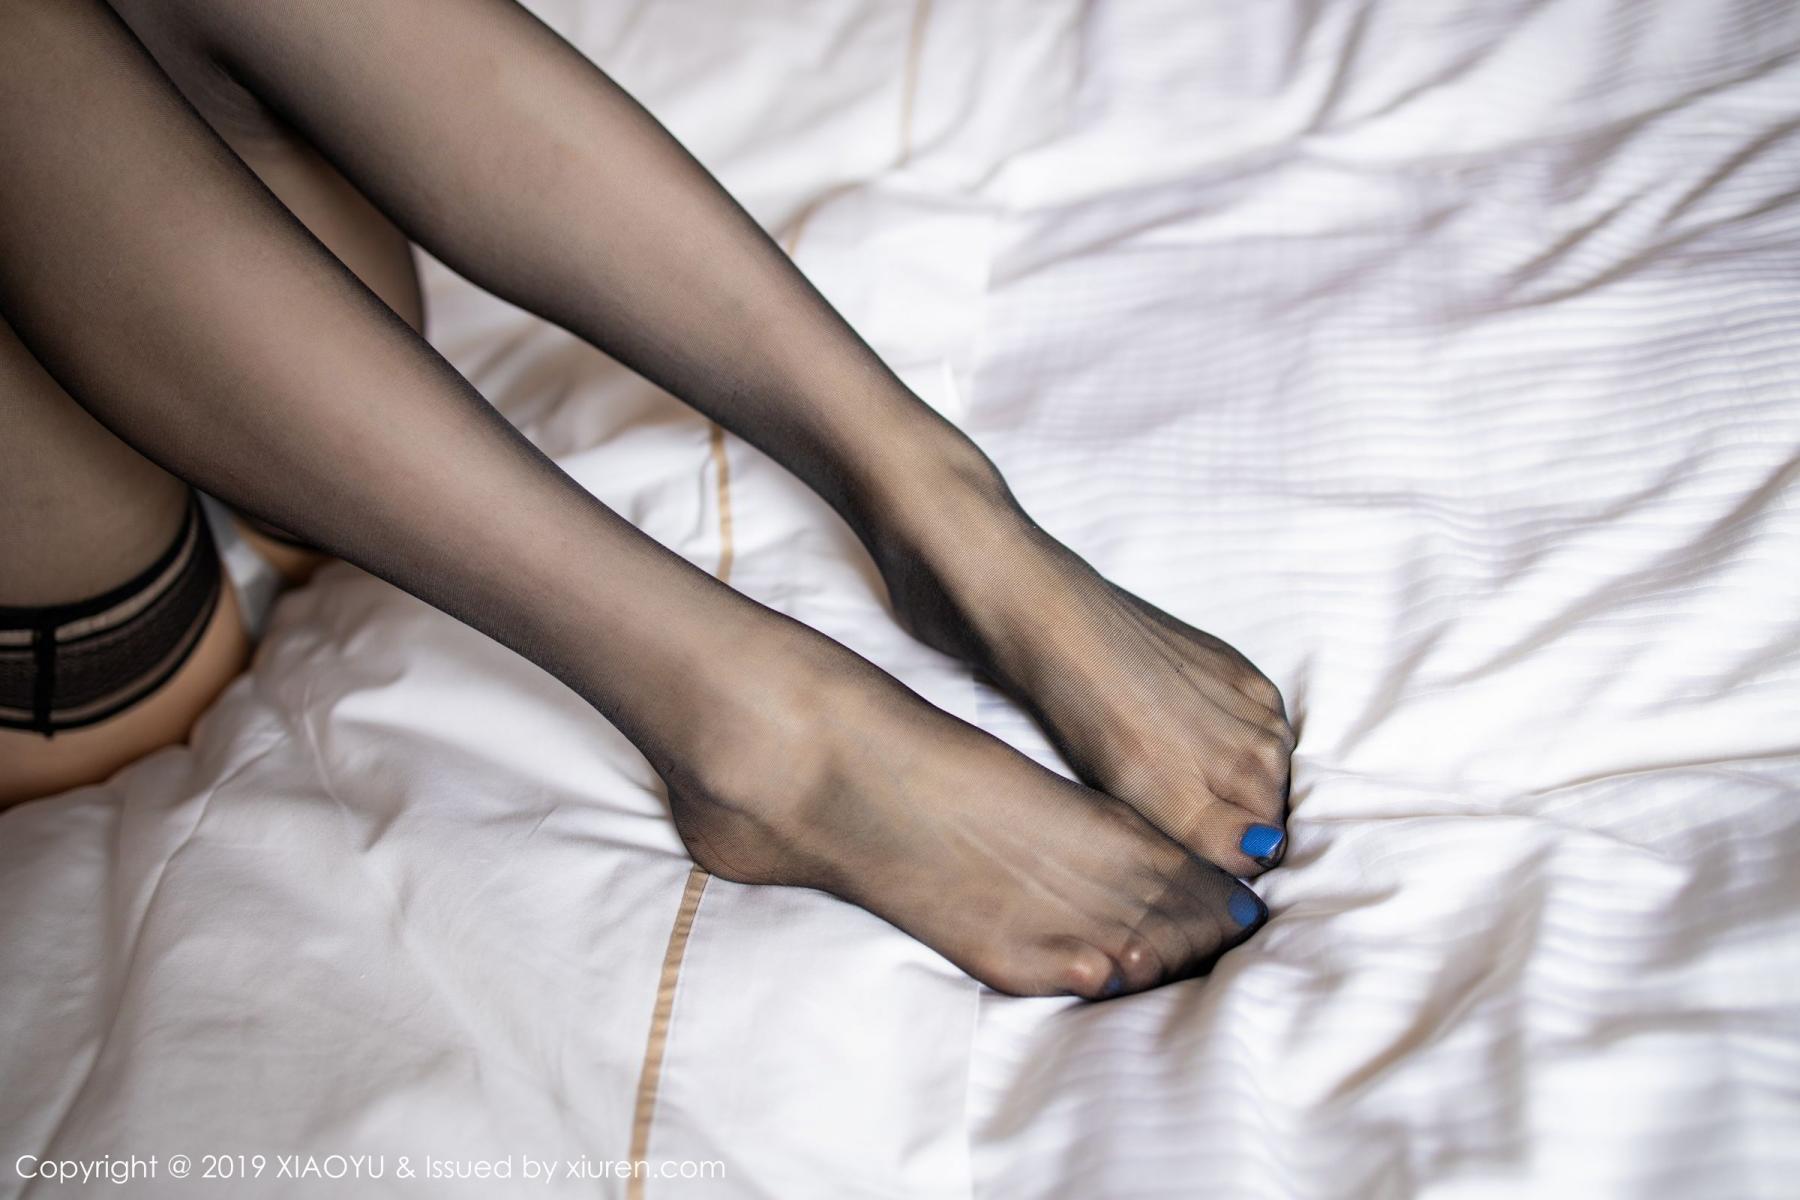 [XiaoYu] Vol.181 Yuner Claire 56P, Black Silk, Underwear, XiaoYu, Yuner Claire